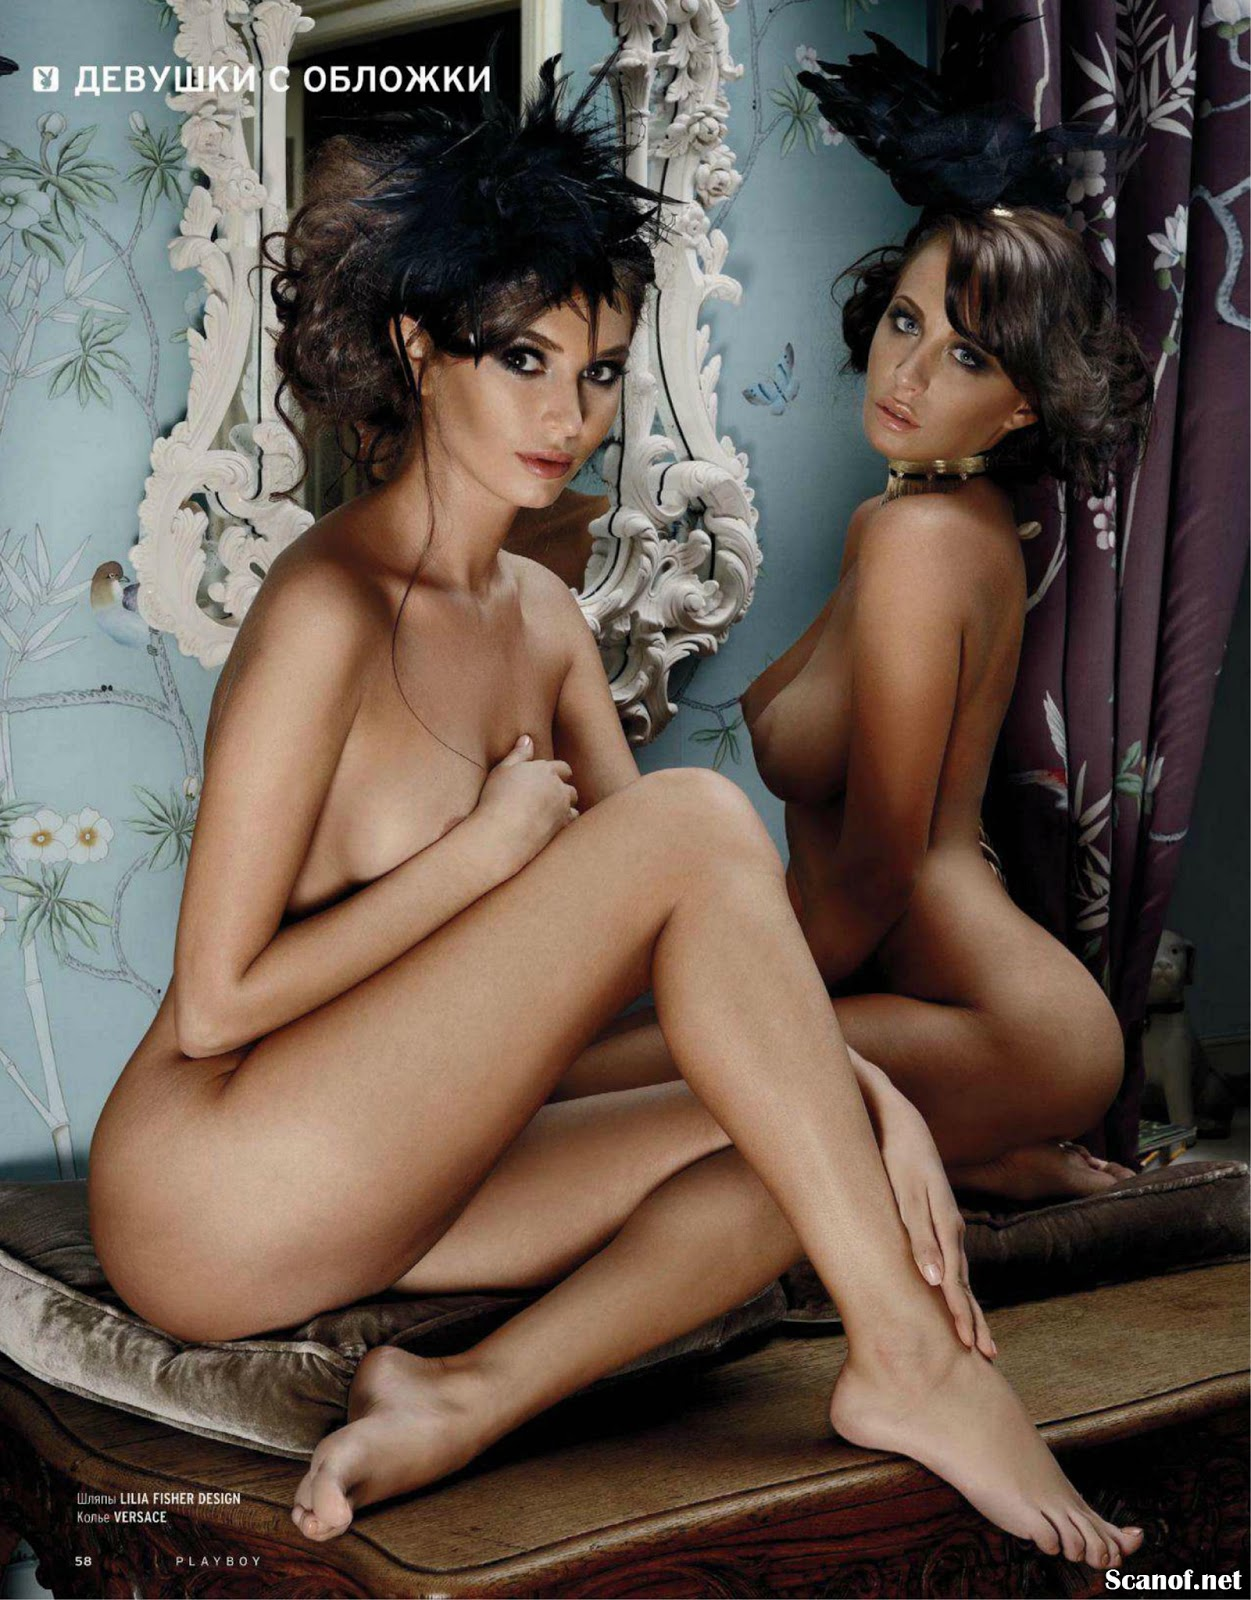 Голая модель Ольга Савченко фото эротика картинки